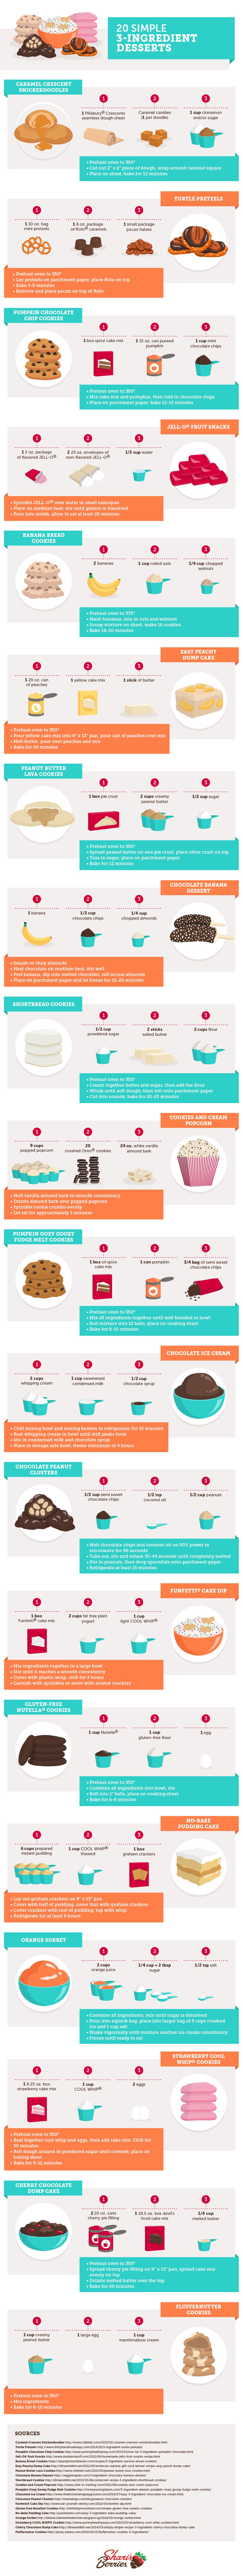 three ingredient desserts